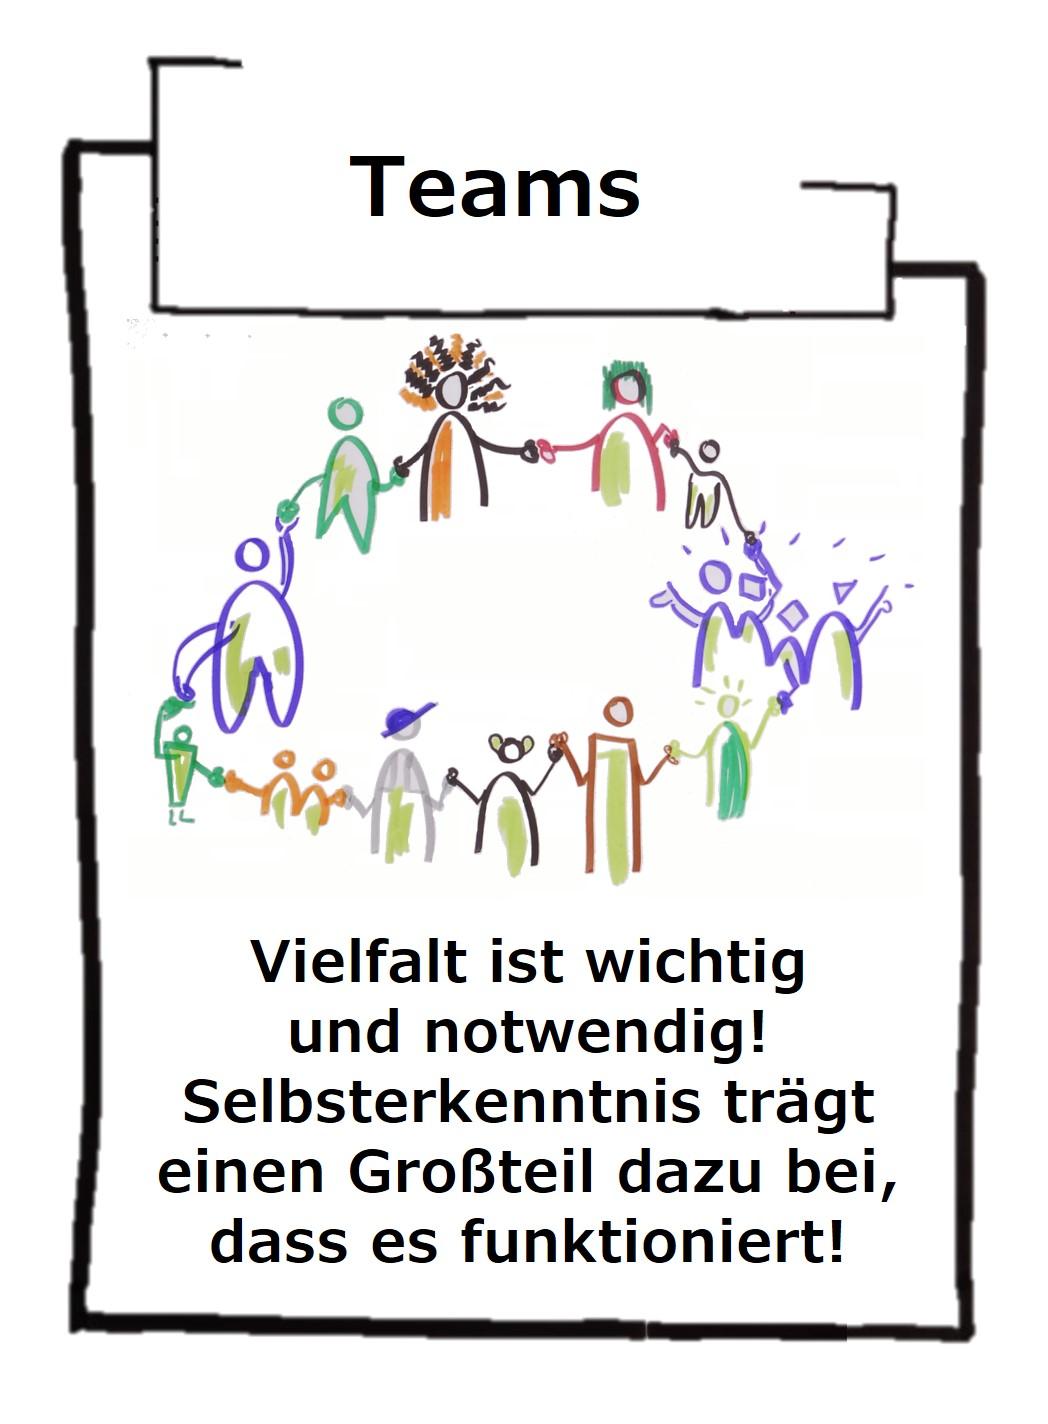 Teams oder Teamarbeit wird häufig falsch bewertet. Wir müssen Individualität genauso fördern, wie die Zusammenarbeit - die Balance muss stimmen!